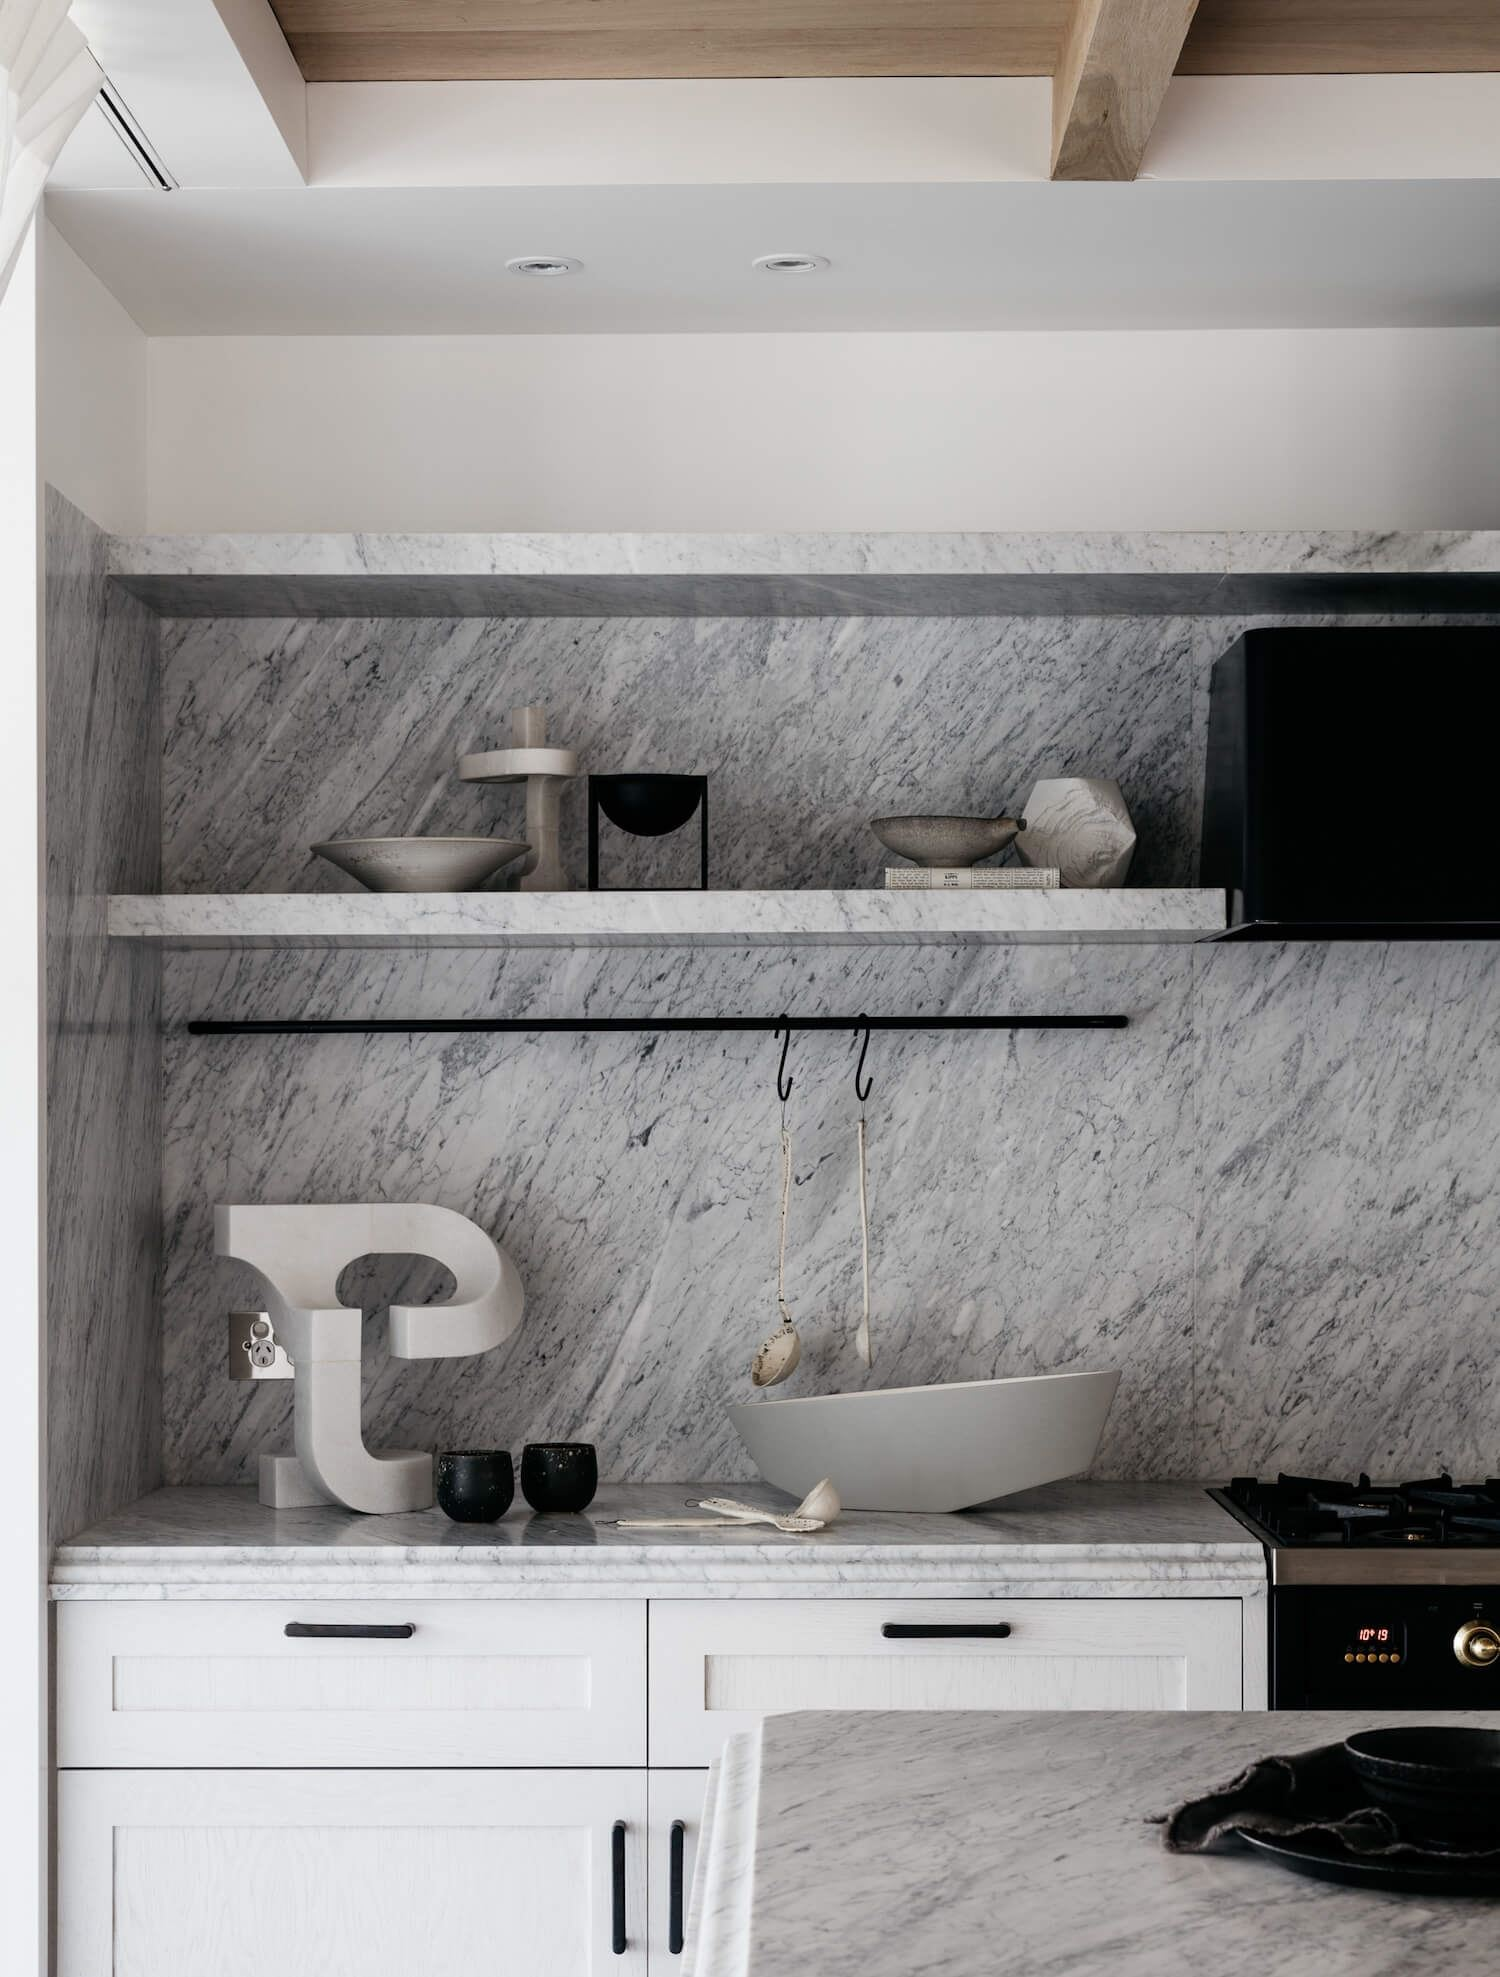 Diseño de interiores de cocina decorada al estilo francés elegante minimalista